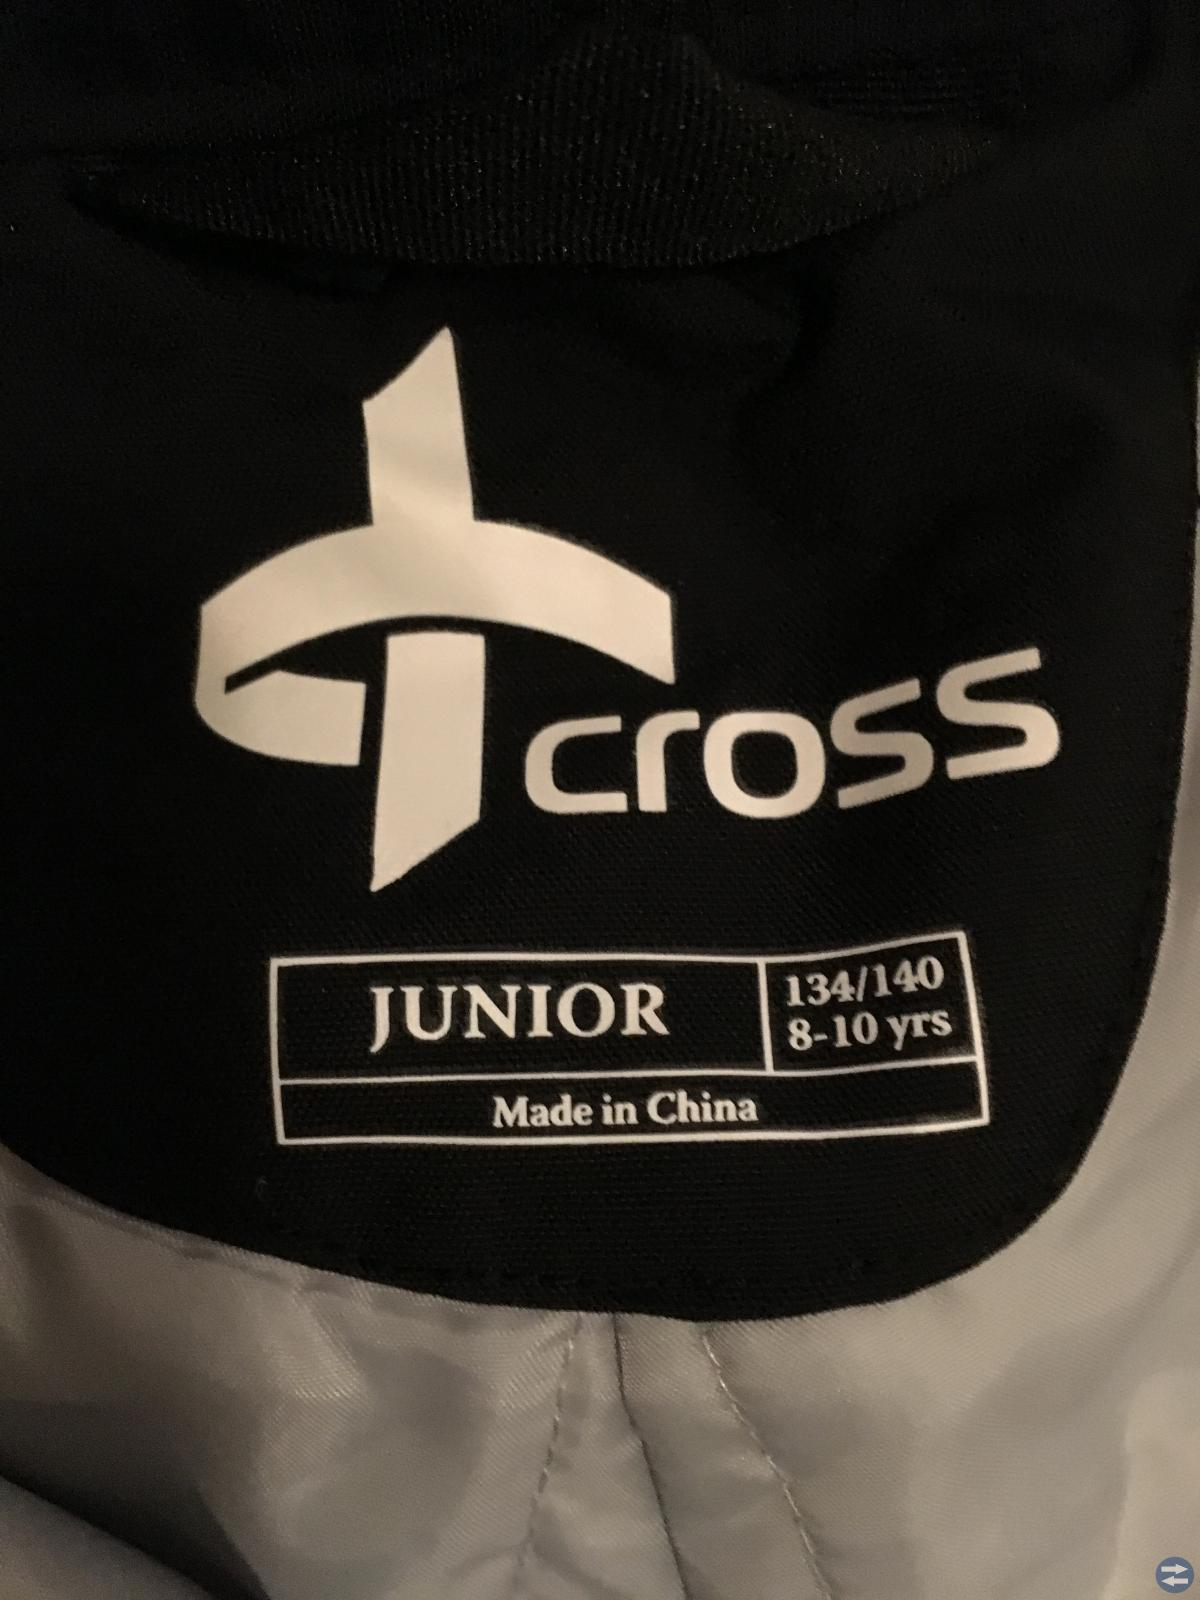 Skidbyxor Cross Storlek 134/140